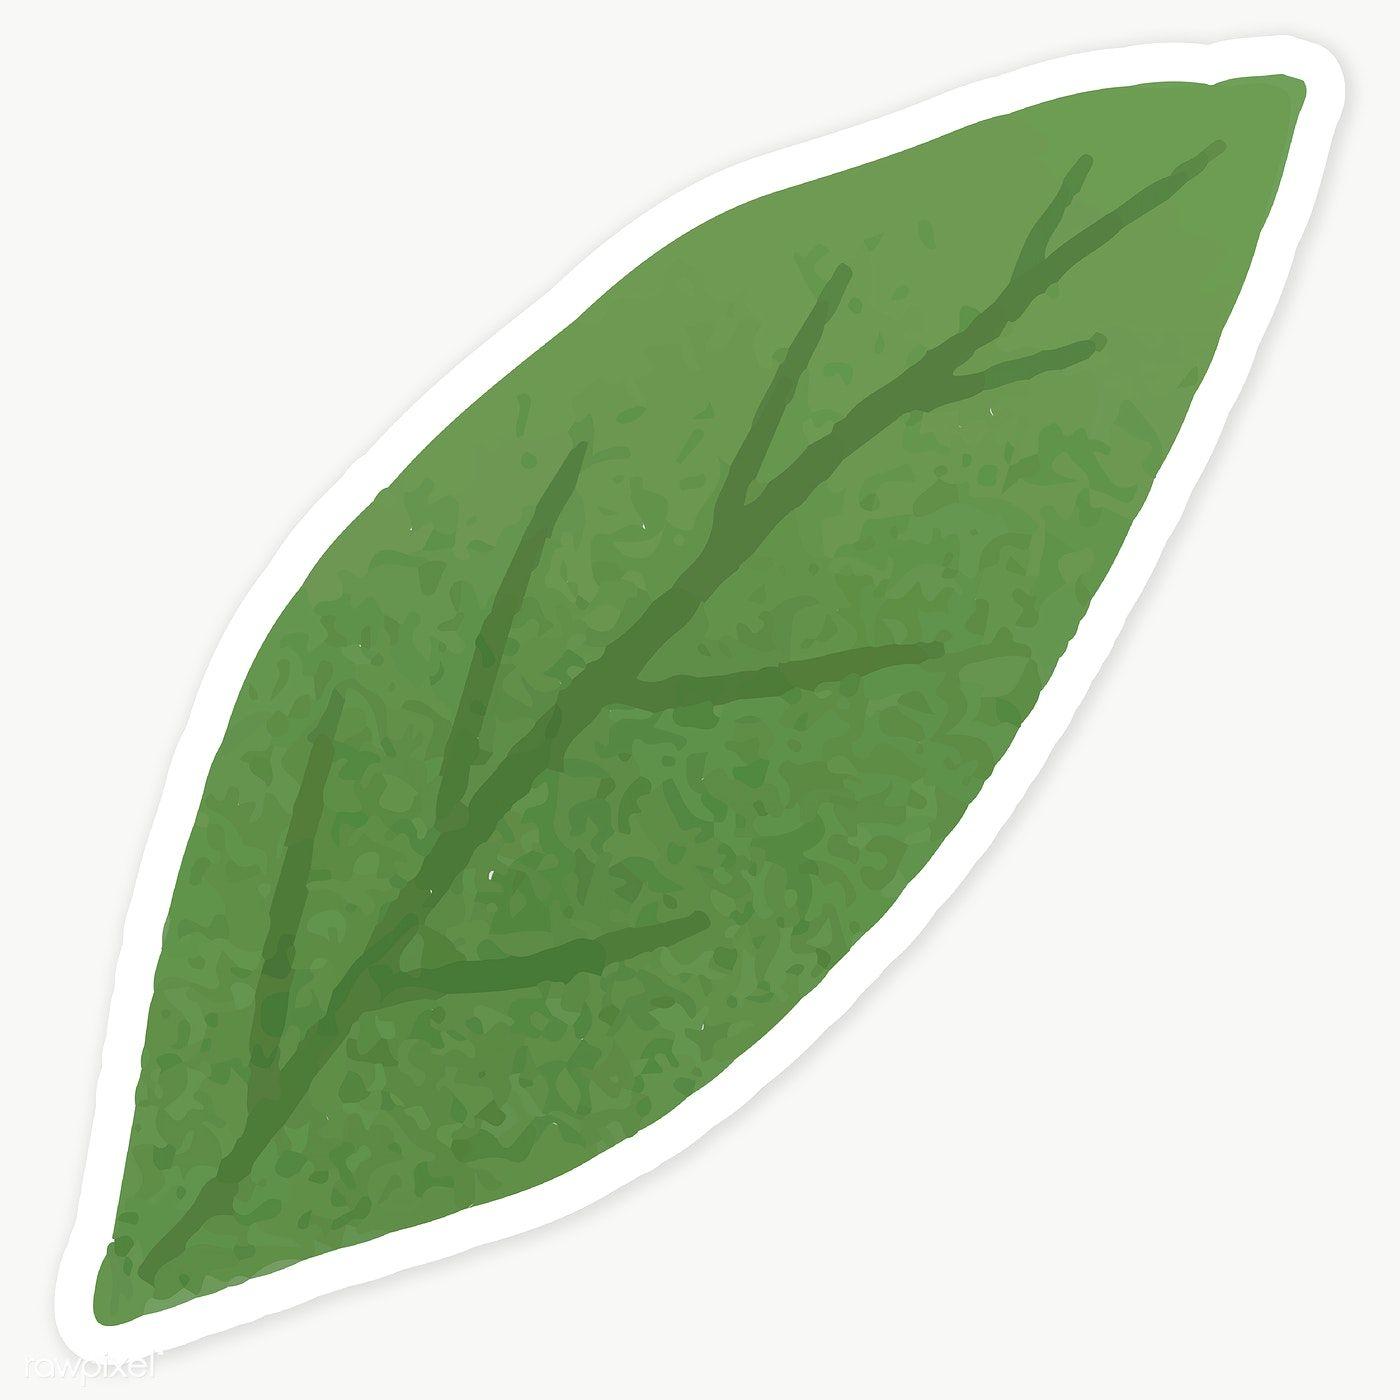 Green Leaf Sticker Transparent Png Premium Image By Rawpixel Com Katie Moir Leaves Illustration Flower Illustration Leaves